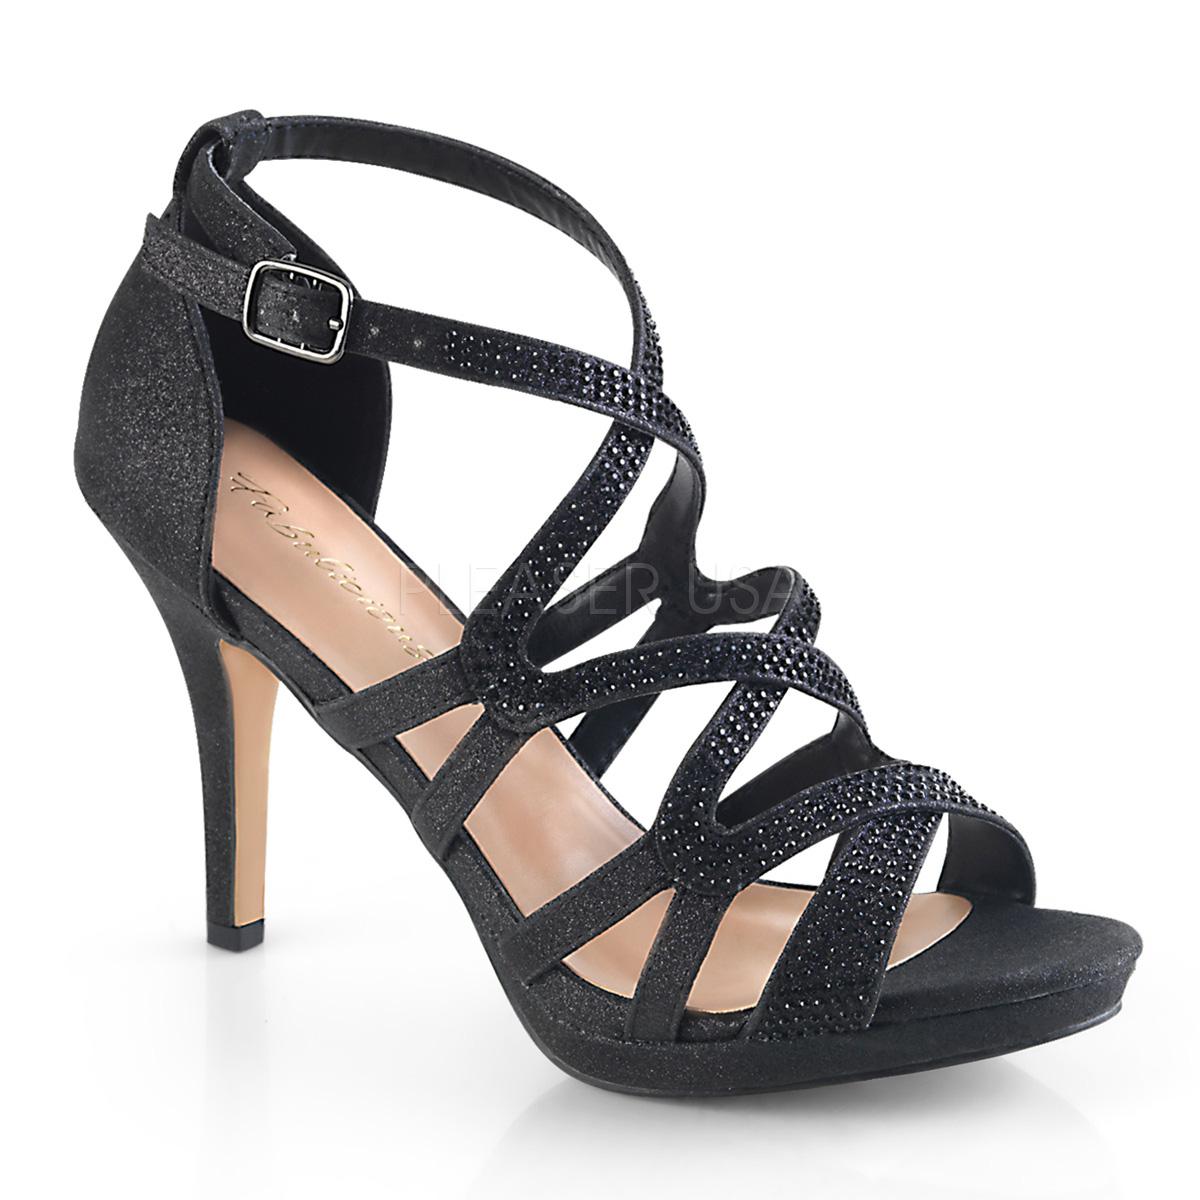 Sandales Noir Aiguilles Daphne 9 42 Talons Cm 5 qUpSMVz